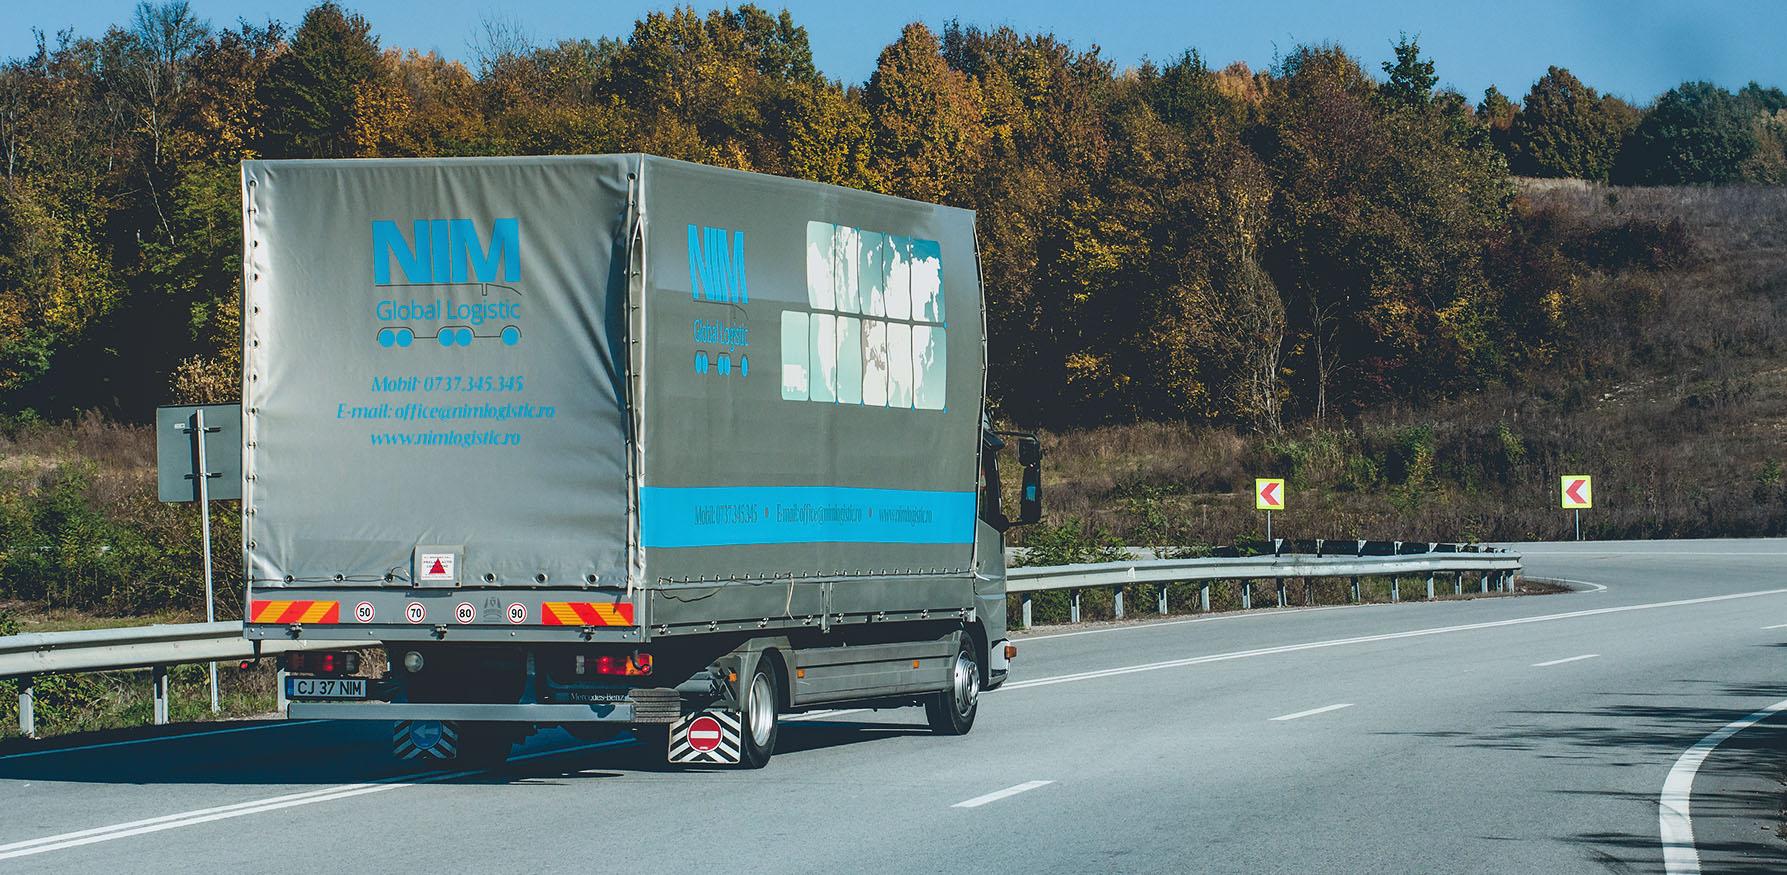 Cu toate ca suntem specializati cu preponderenta pe ruta Romania - Italia, echipa noastra este pregatita oricand sa indeplineasca cererile dvs, oriunde in Europa.